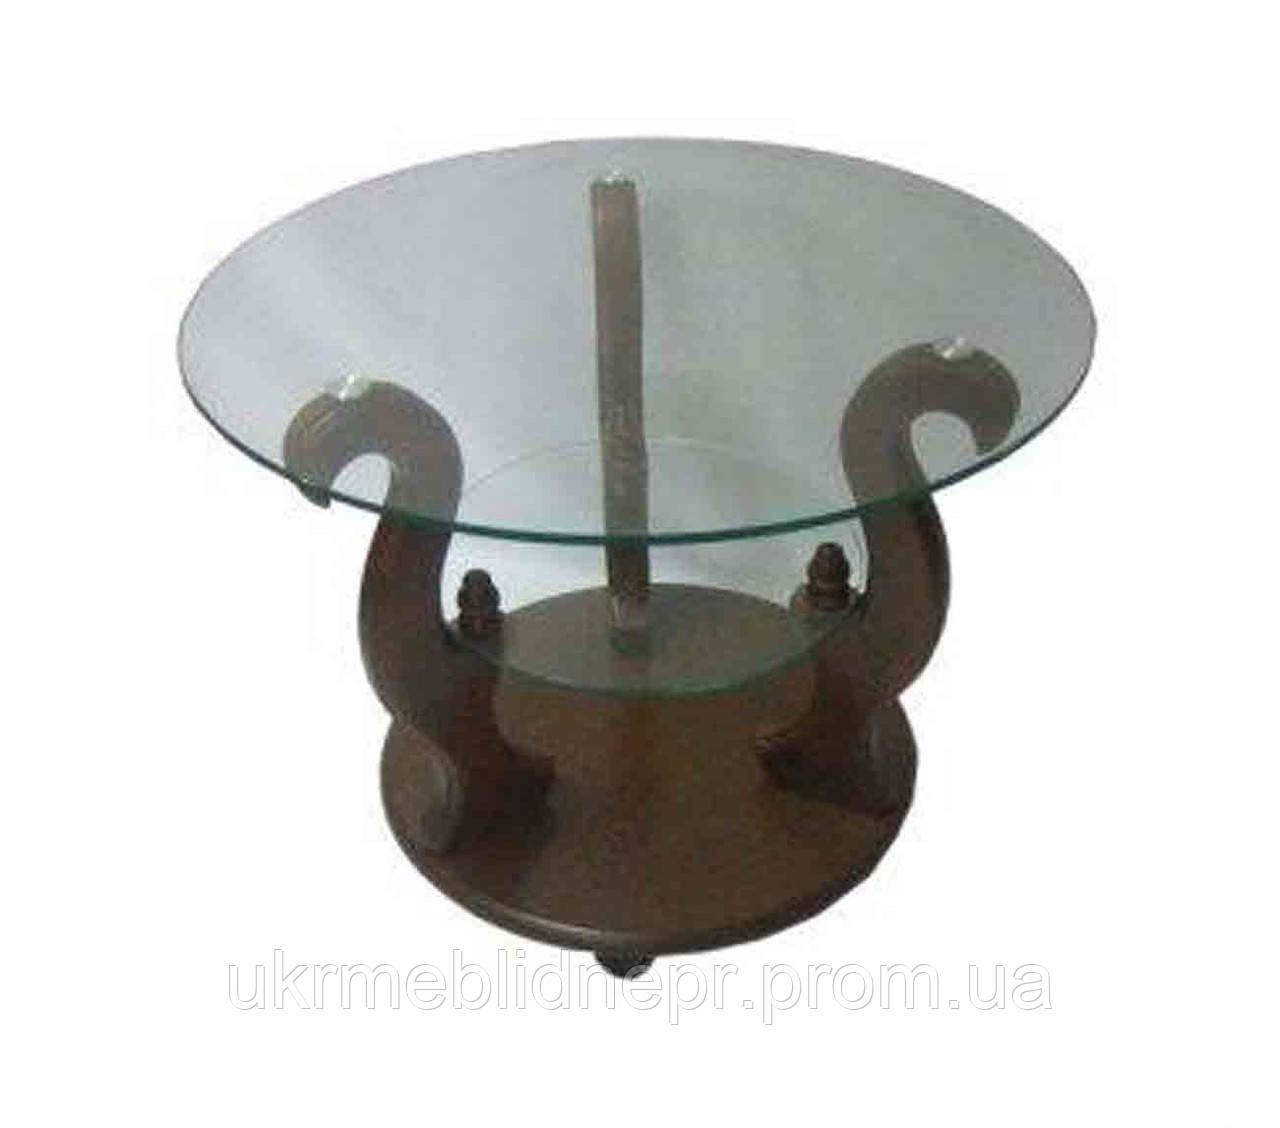 Стеклянный журнальный столик Версаль ДС- 7